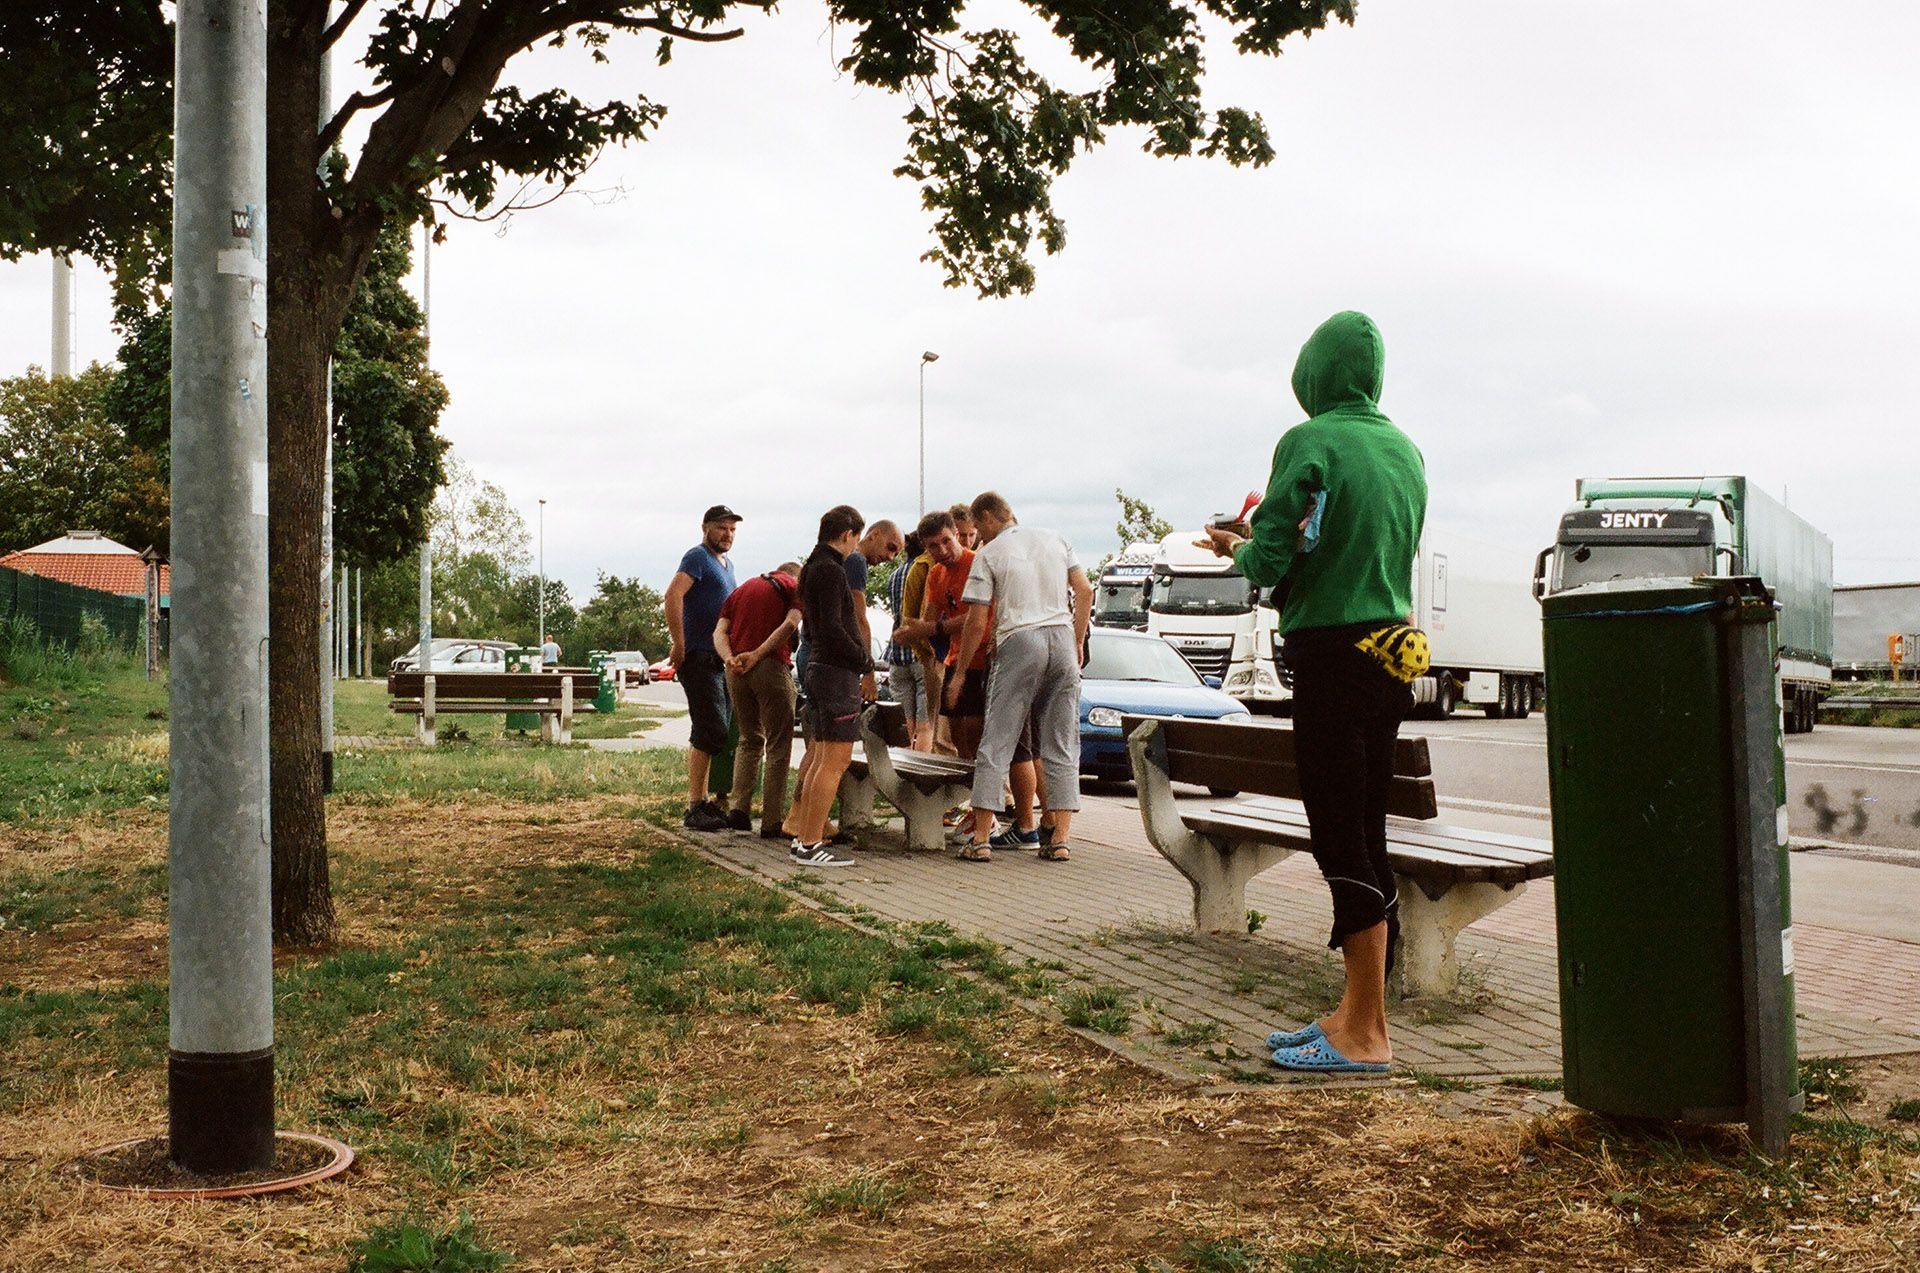 Учасники ПБП розглядають якусь лавочку по дорозі до Франції